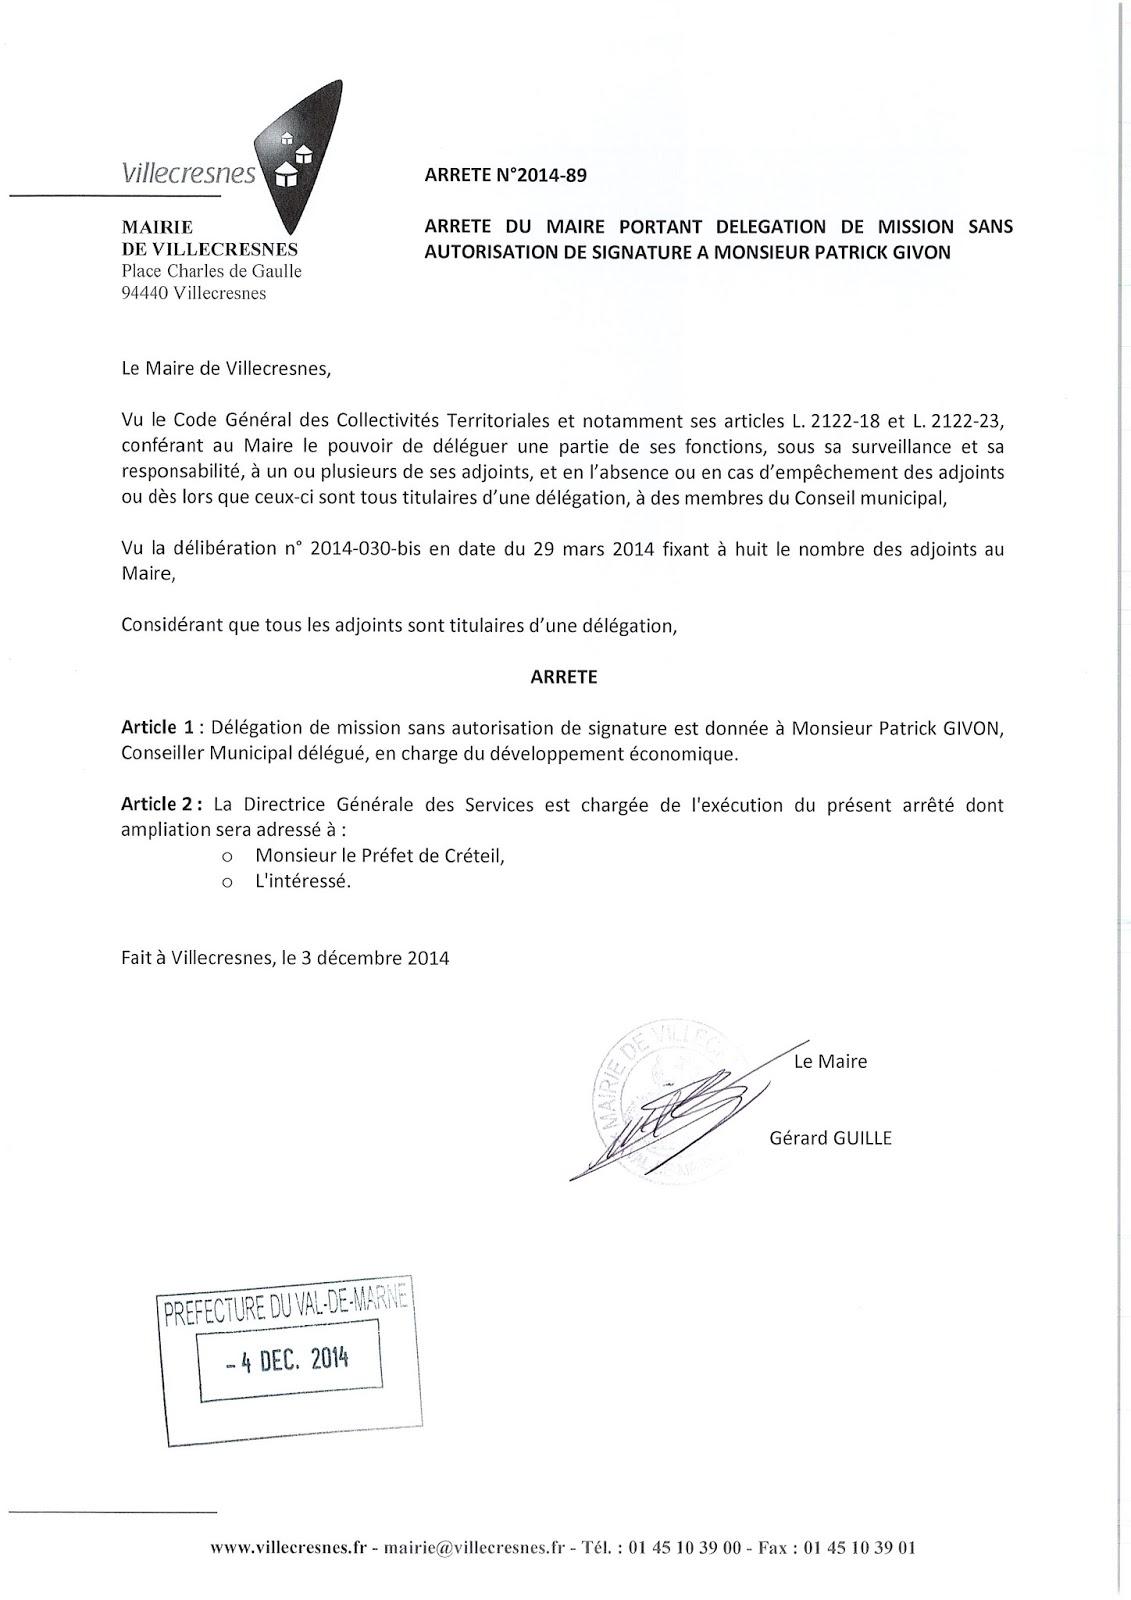 2014-089 Délégation de fonction mission sans autorisation de signature à Monsieur Patrick Givon